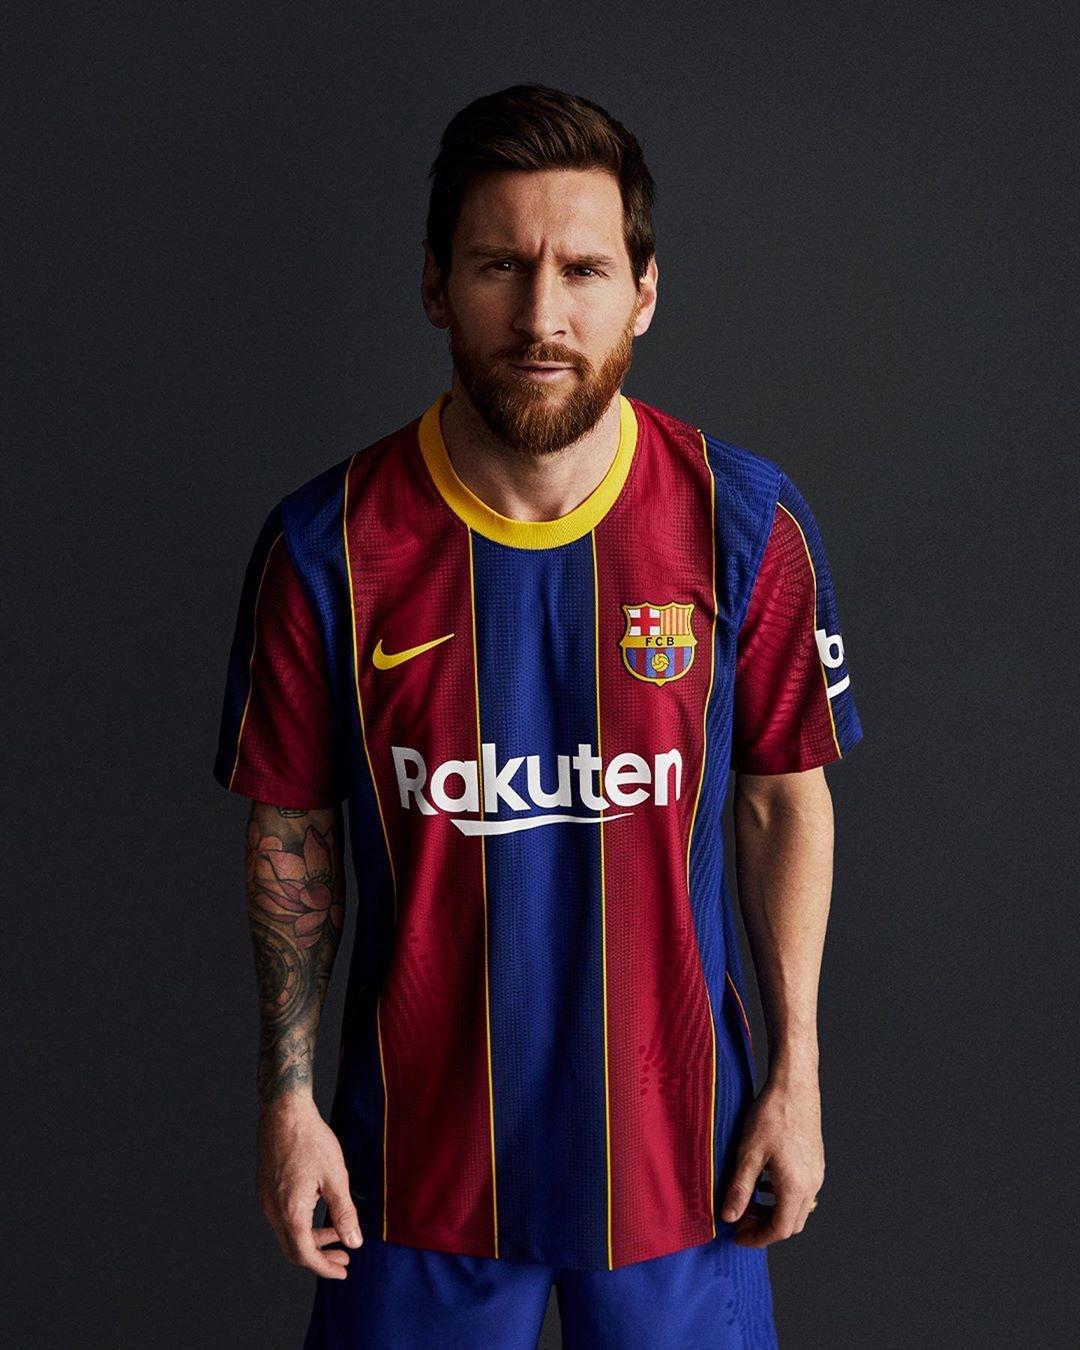 Lionel Messi maglia Barcellona 2020 2021